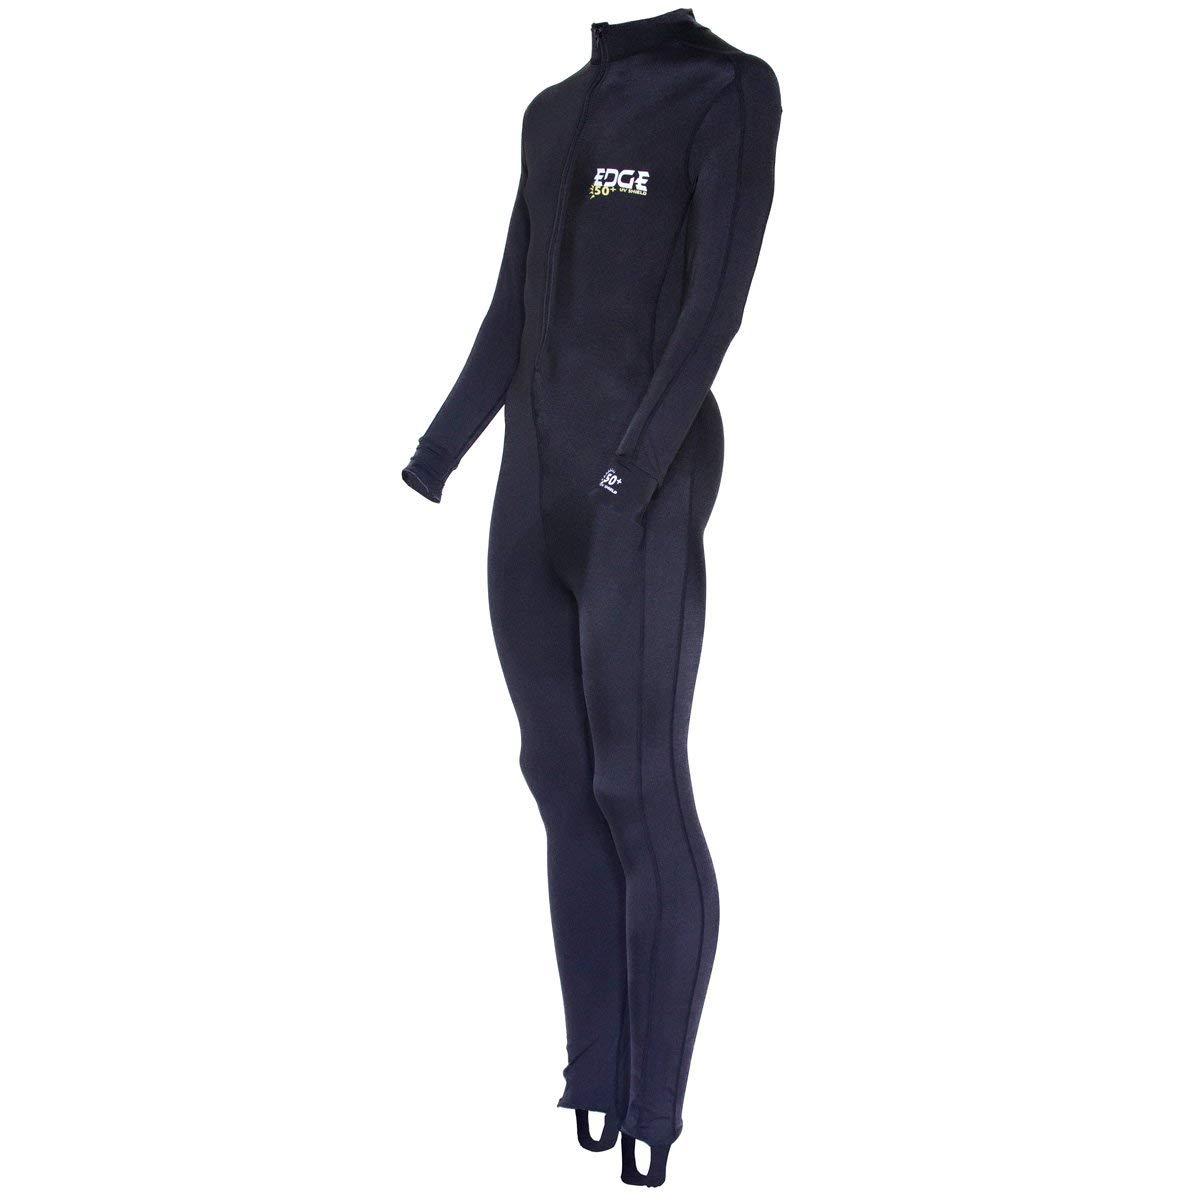 4b63d32d6a2c Get Quotations · Edge Sport Lycra Body Suit Dive Skin